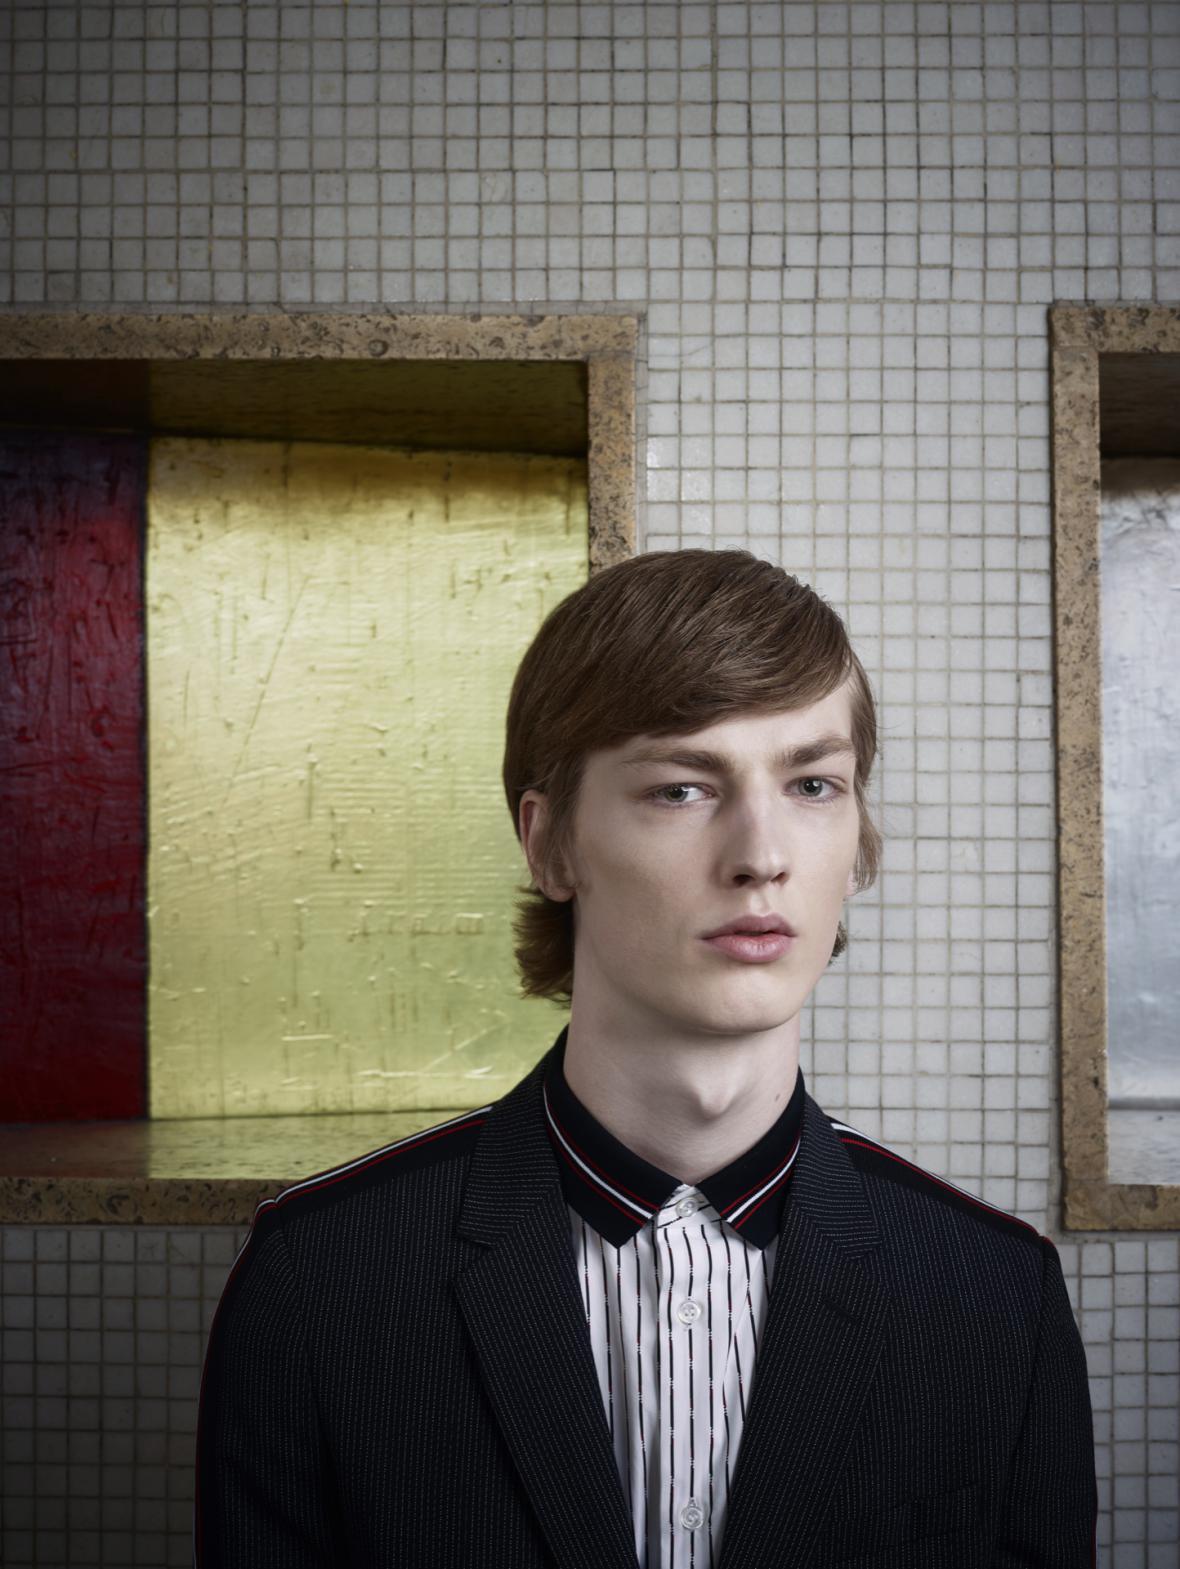 Vítězná série v kategorii Portrét. Hanna Connor, Filip Jandourek, volní fotografové – Vesničané.